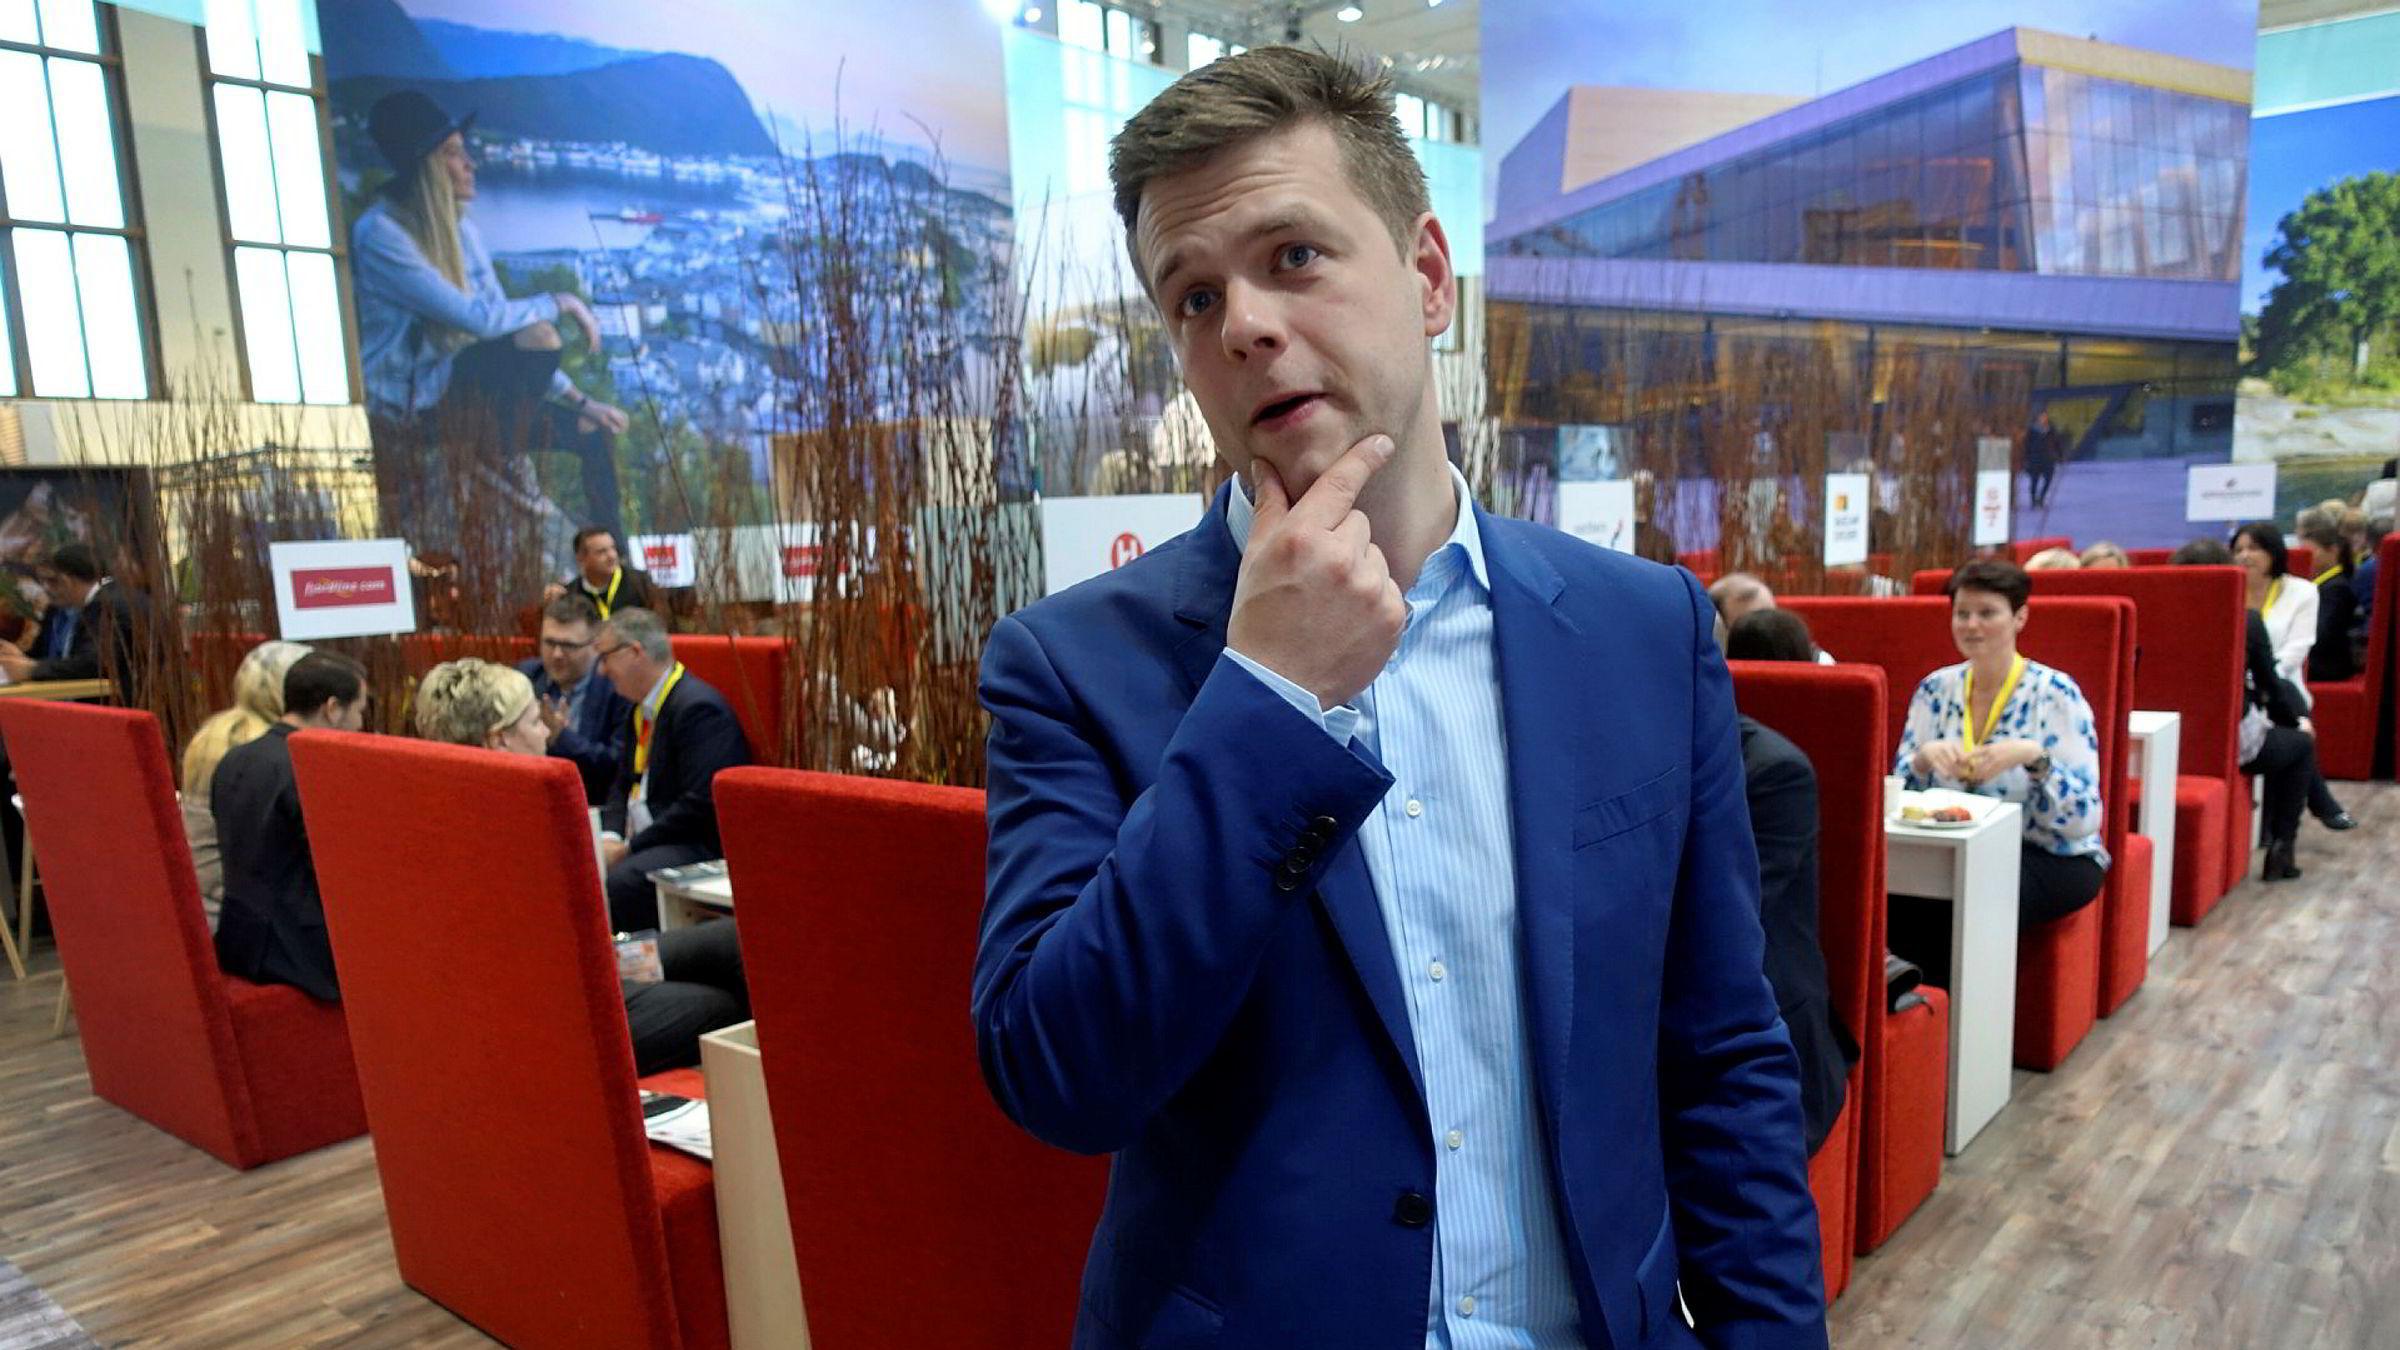 Manuel Kliese, direktør for Innovasjon Norge i Tyskland, erkjenner at turistveksten derfra flater ut. Men han er mer opptatt av å friste de riktige, det vil si de rike, turistene til å komme enn volum.